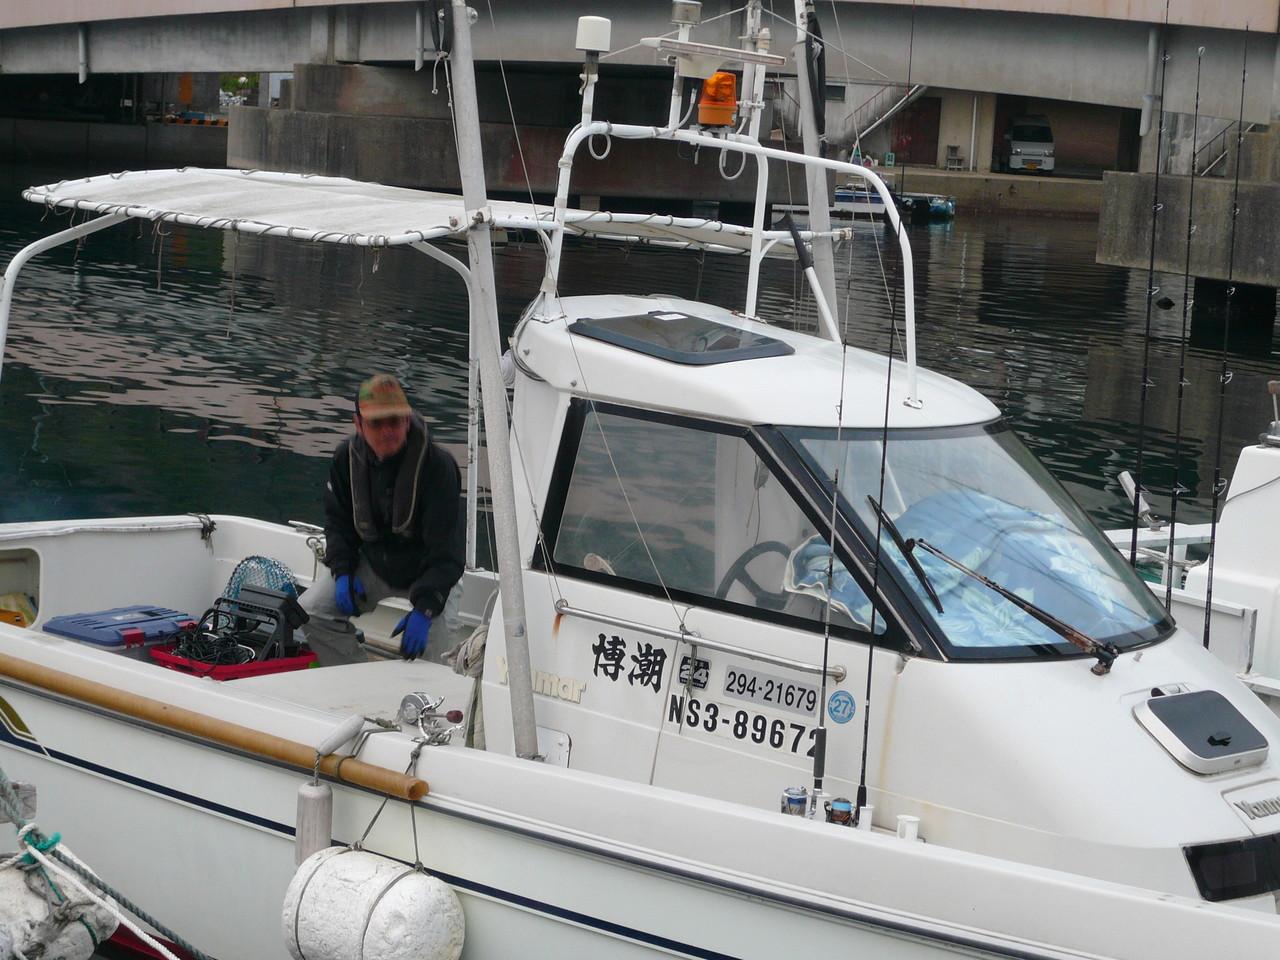 5月4日 レンタルボート博潮丸 岡崎船長